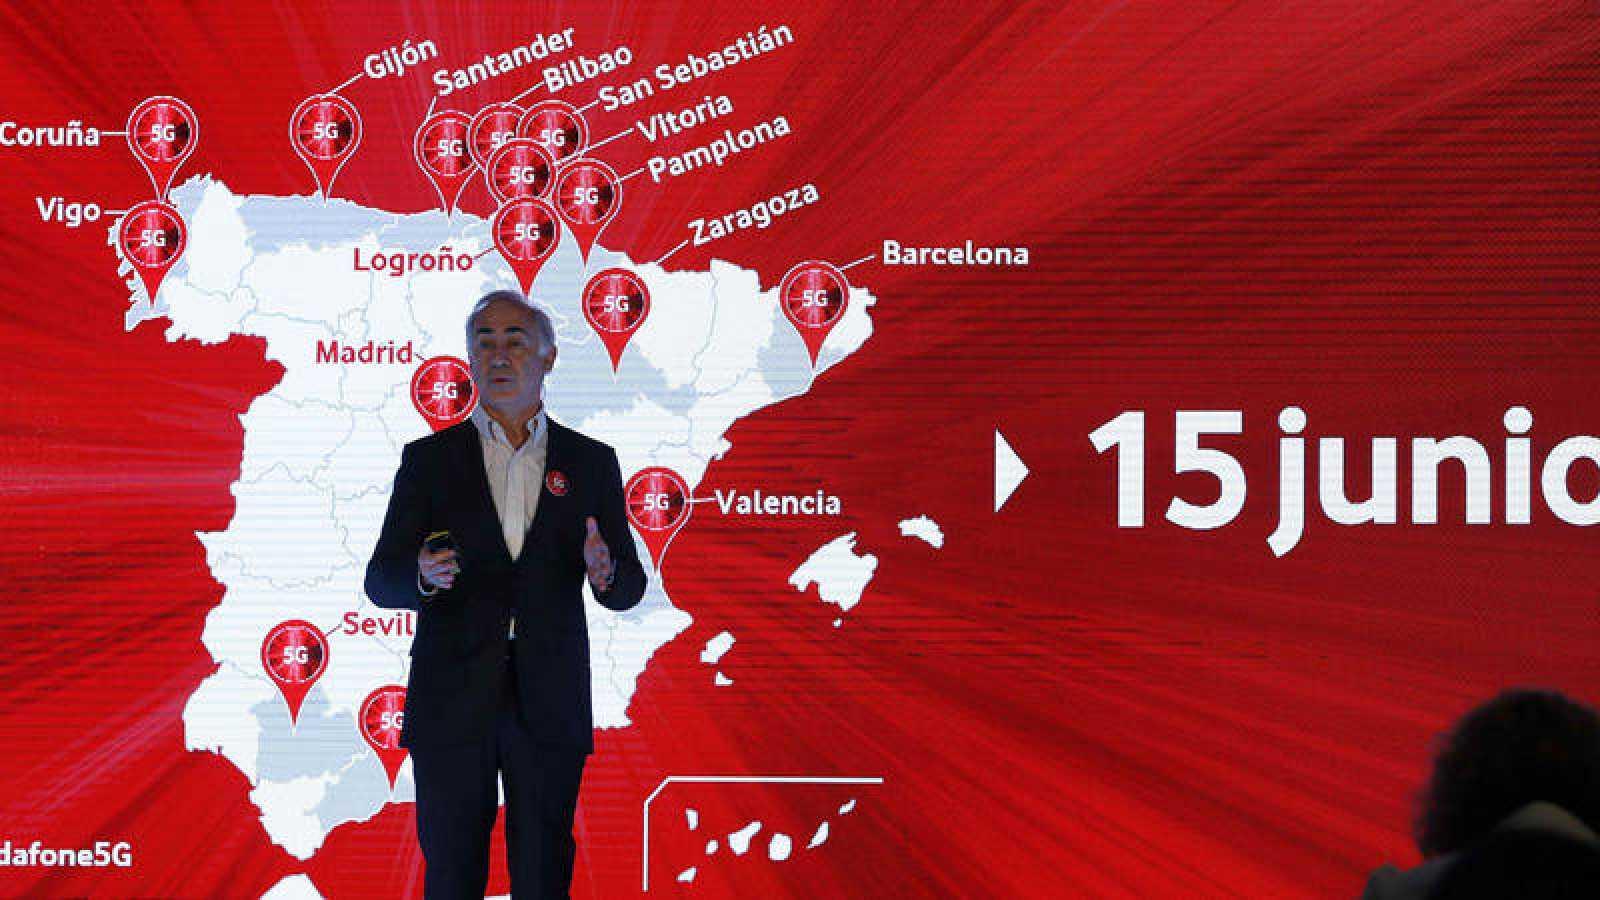 El presidente de Vodafone España, Antonio Coimbra, durante la presentación de los servicios 5G de la compañía en España.